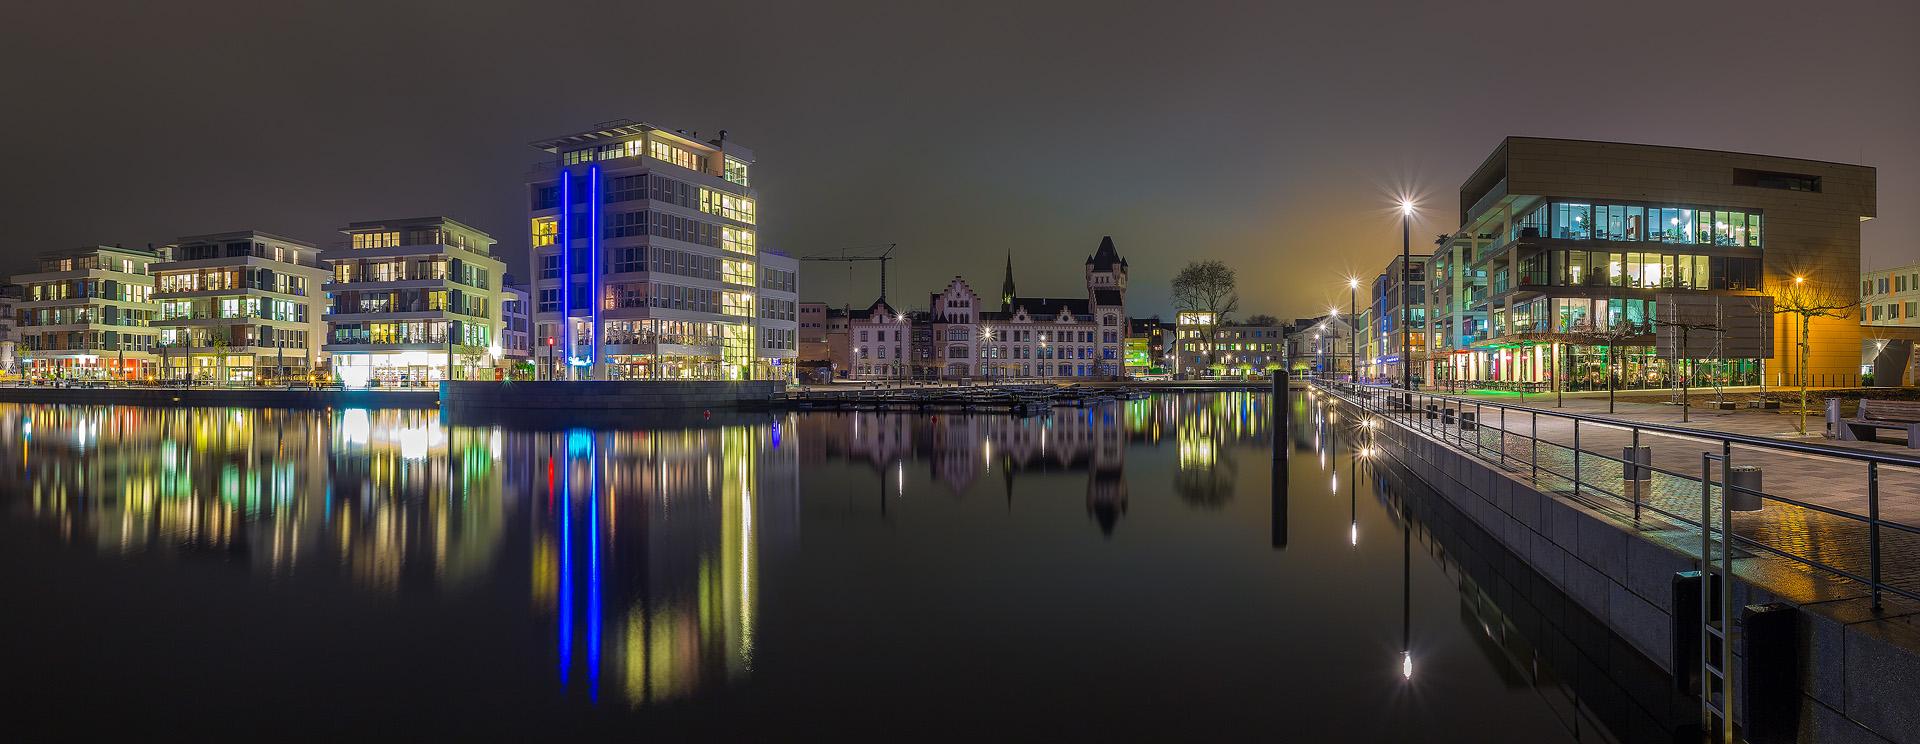 Dortmund Phoenixsee, Germany